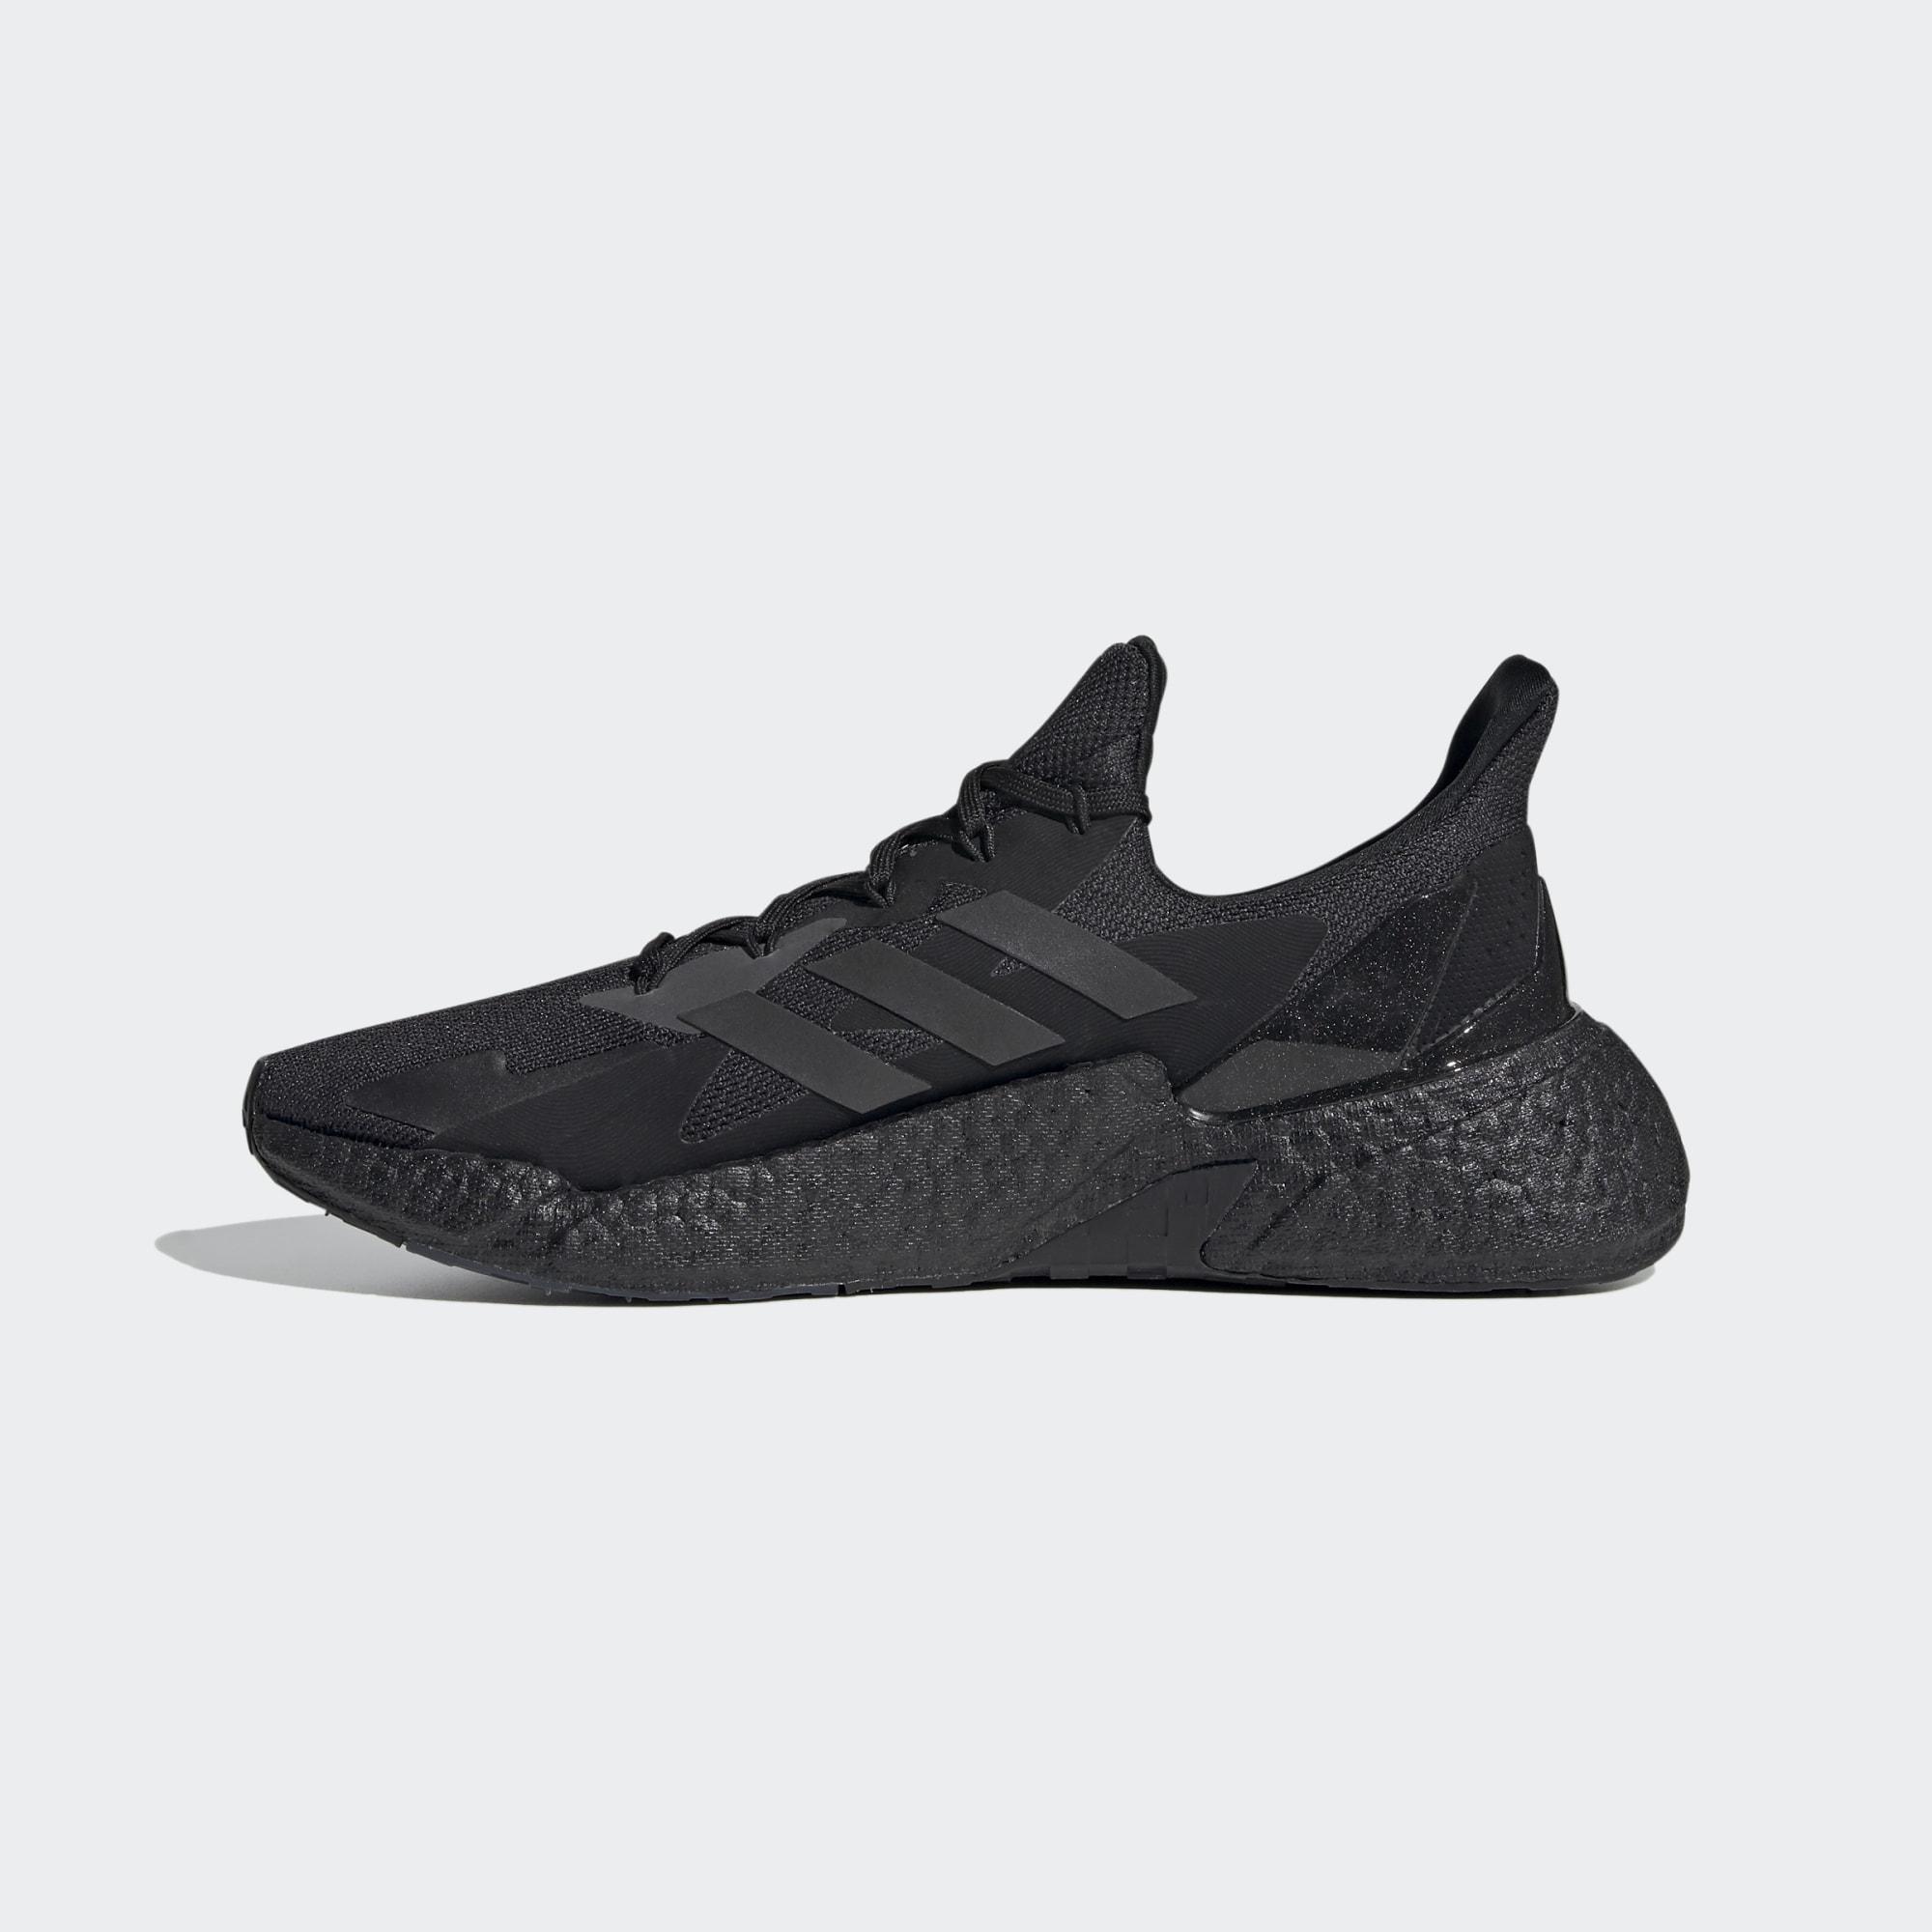 Adidas X900L4 sko, black/grey, 42 2/3